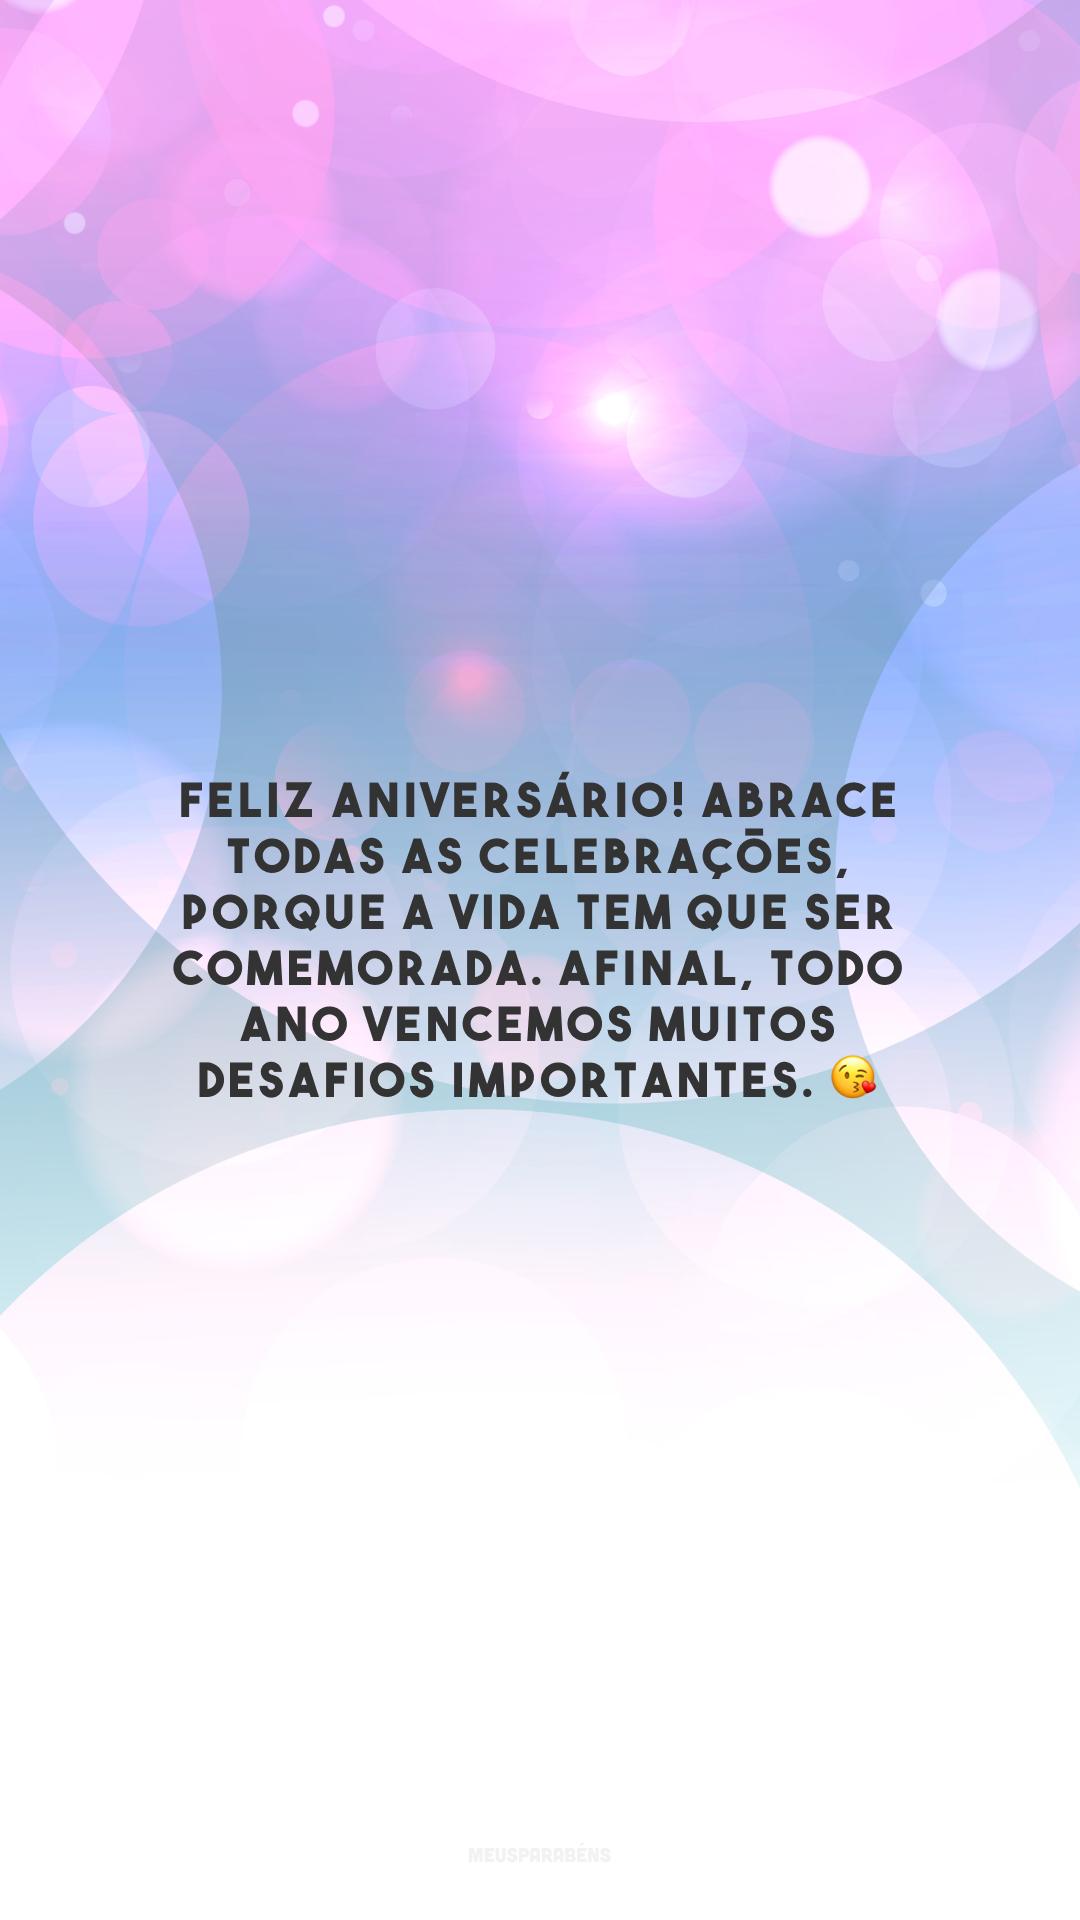 Feliz aniversário! Abrace todas as celebrações, porque a vida tem que ser comemorada. Afinal, todo ano vencemos muitos desafios importantes. 😘